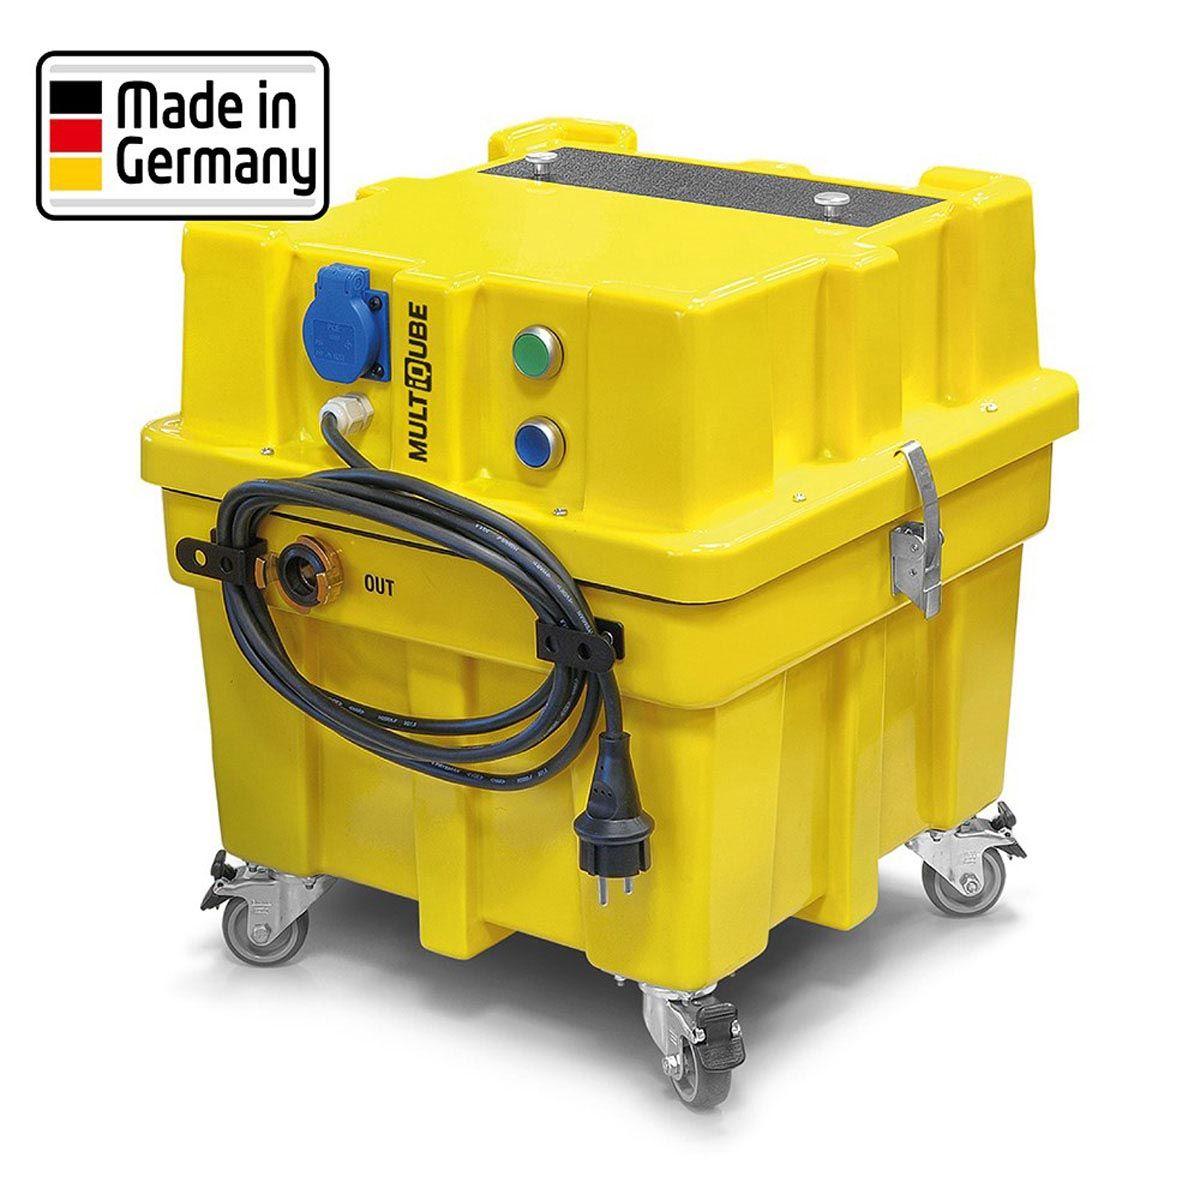 Wasserabscheider, WA 4i MultiQube, 0.32 kW, 17 l